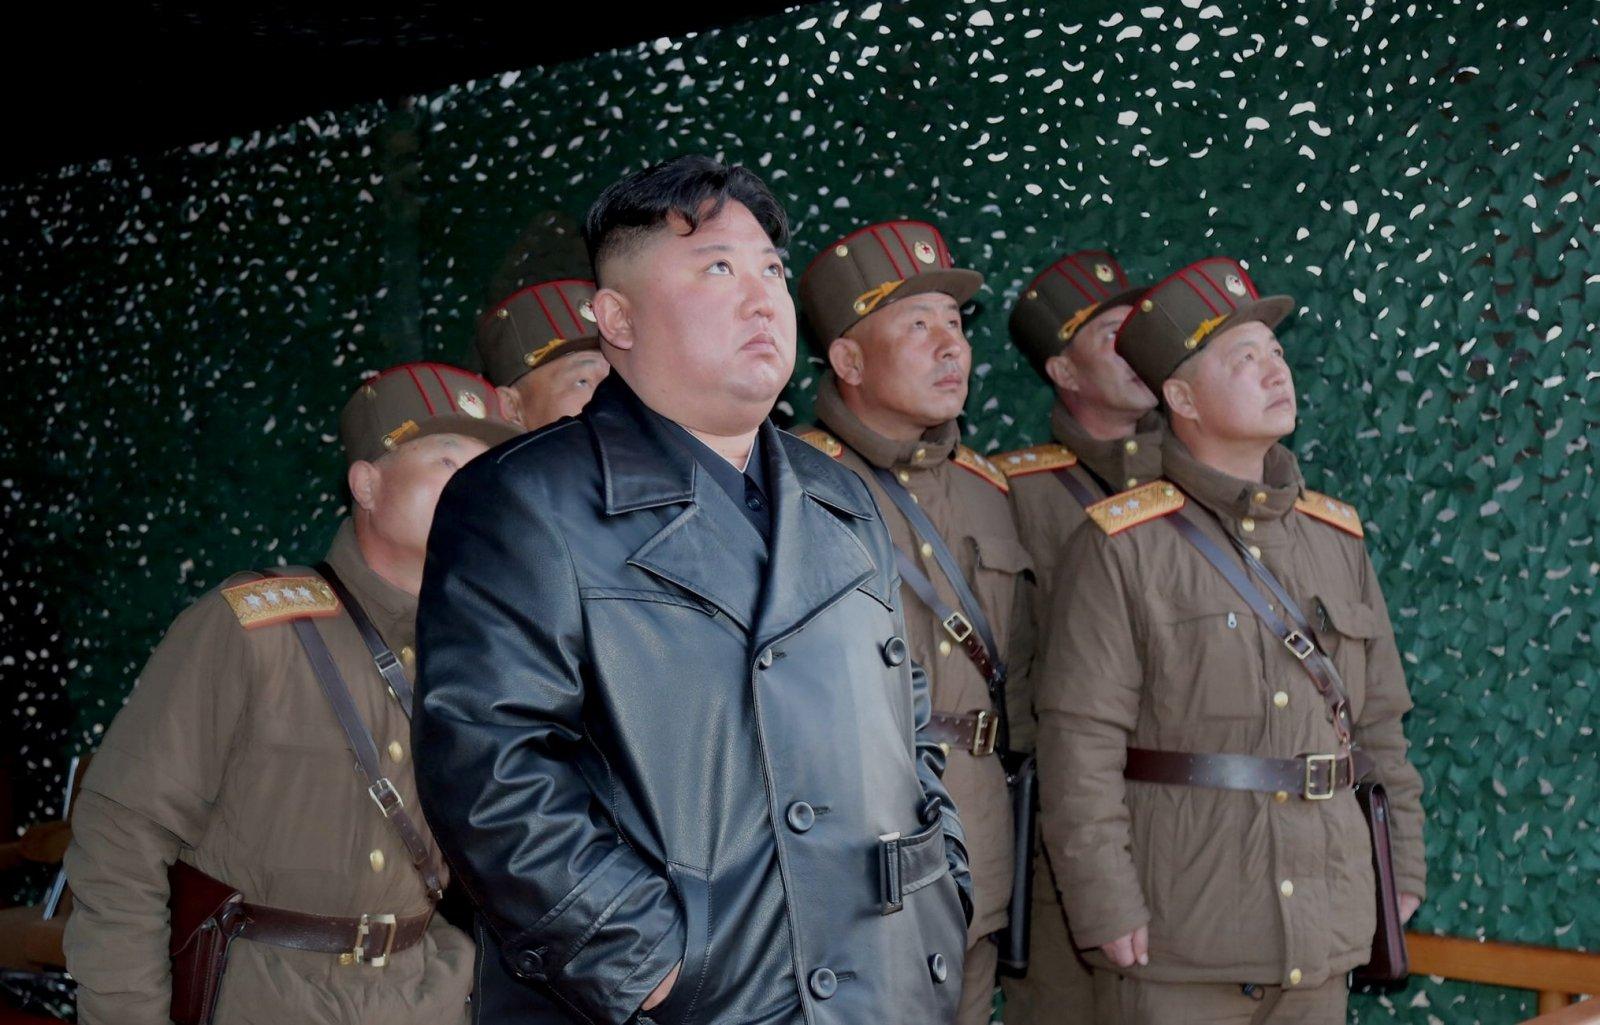 Juokų laikas baigėsi: JAV turi vis mažiau pasirinkimų dėl Šiaurės Korėjos